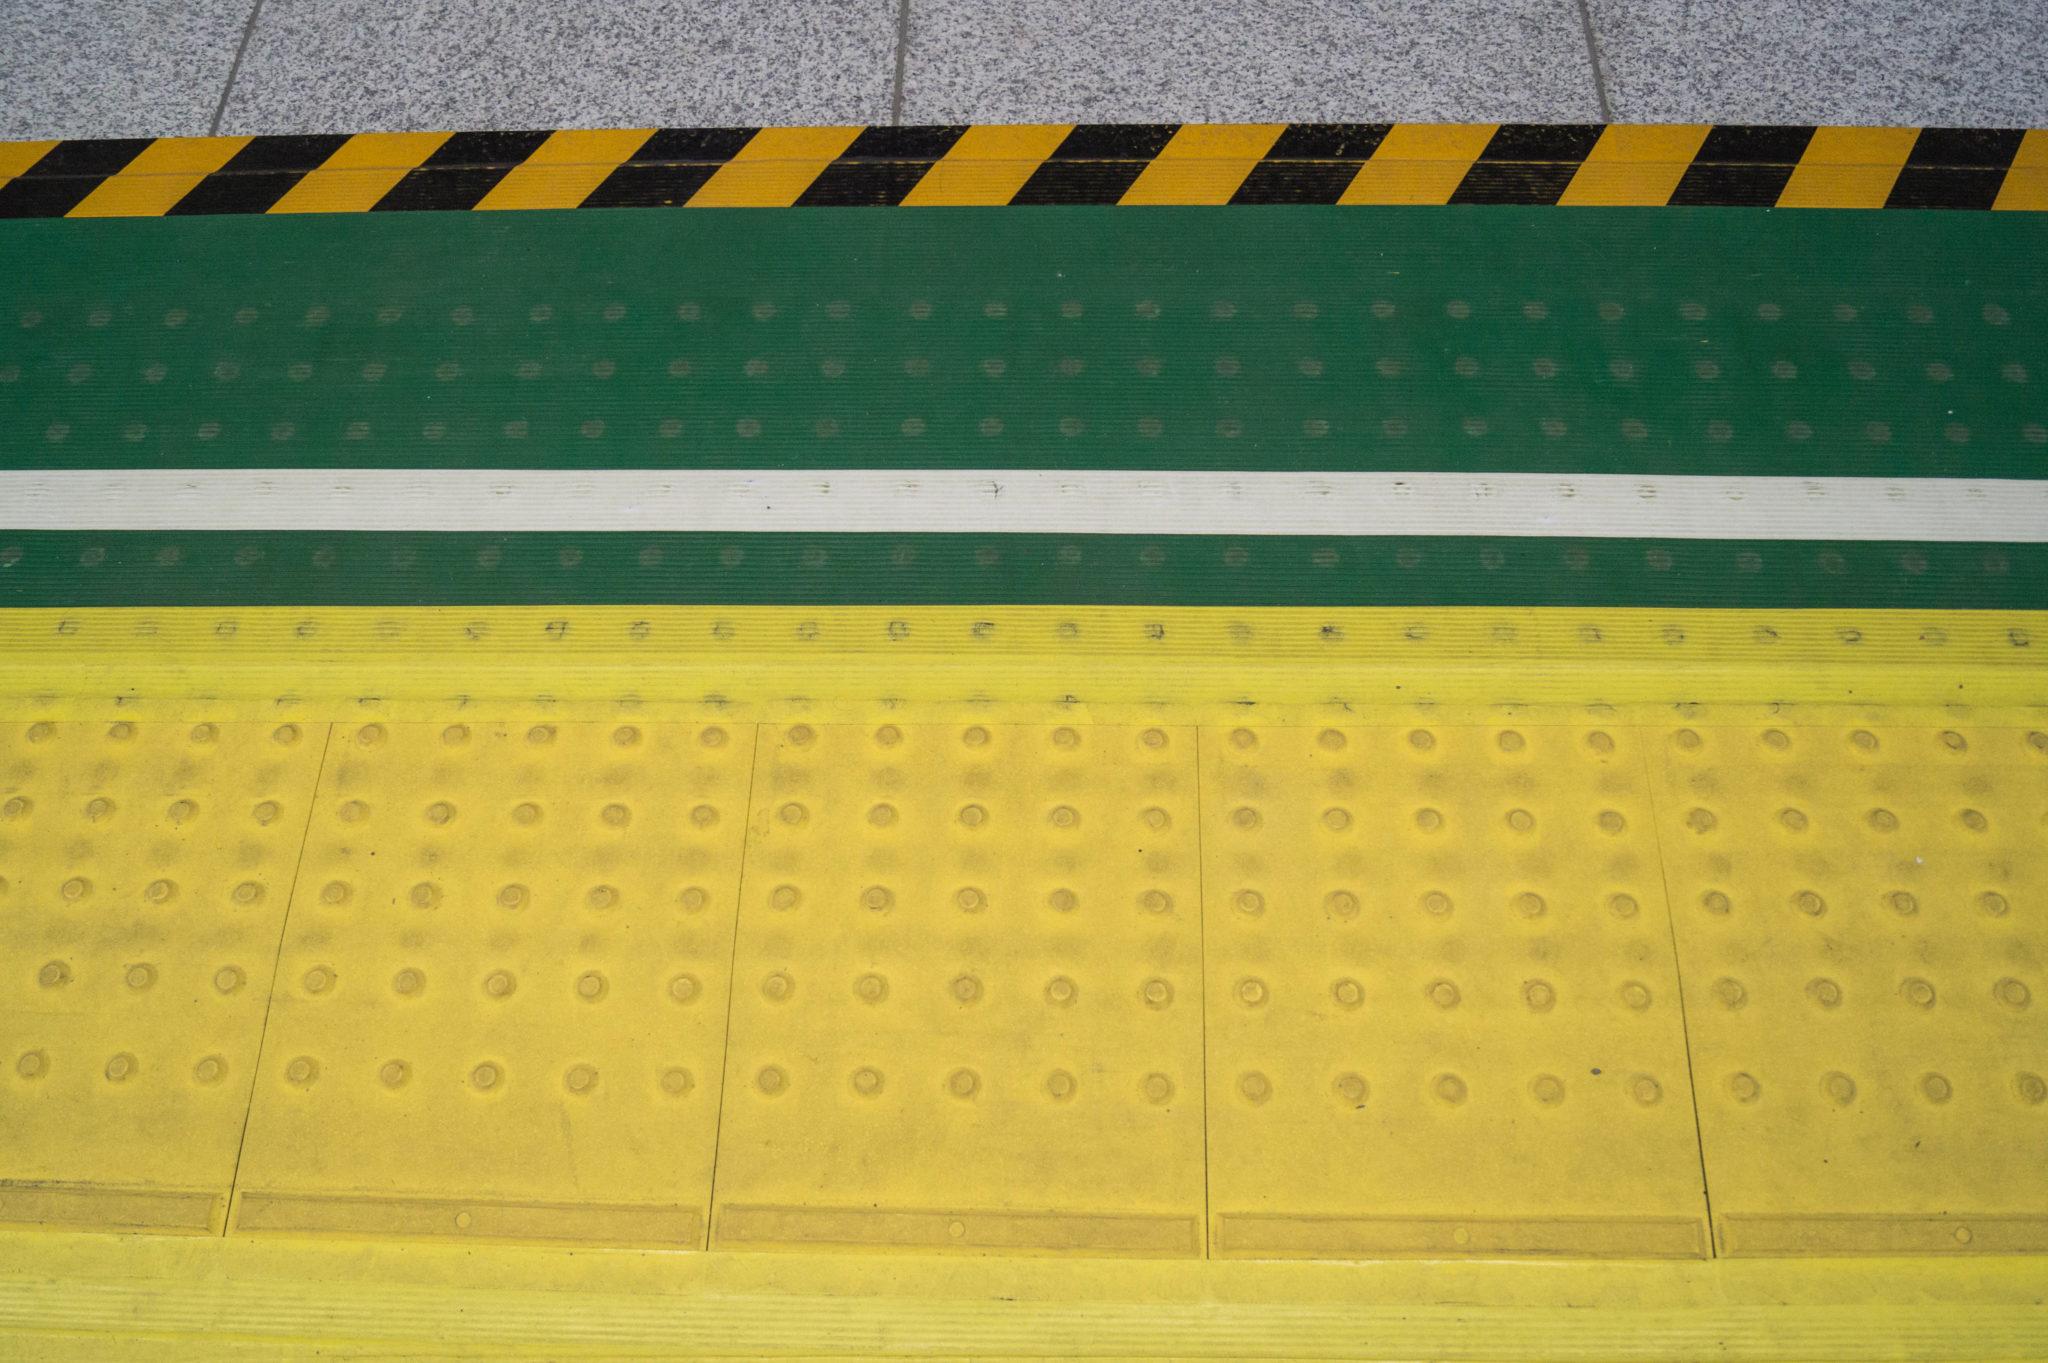 Mit der U-Bahn durch Tokio zu fahren ist einfach und komfortabel.